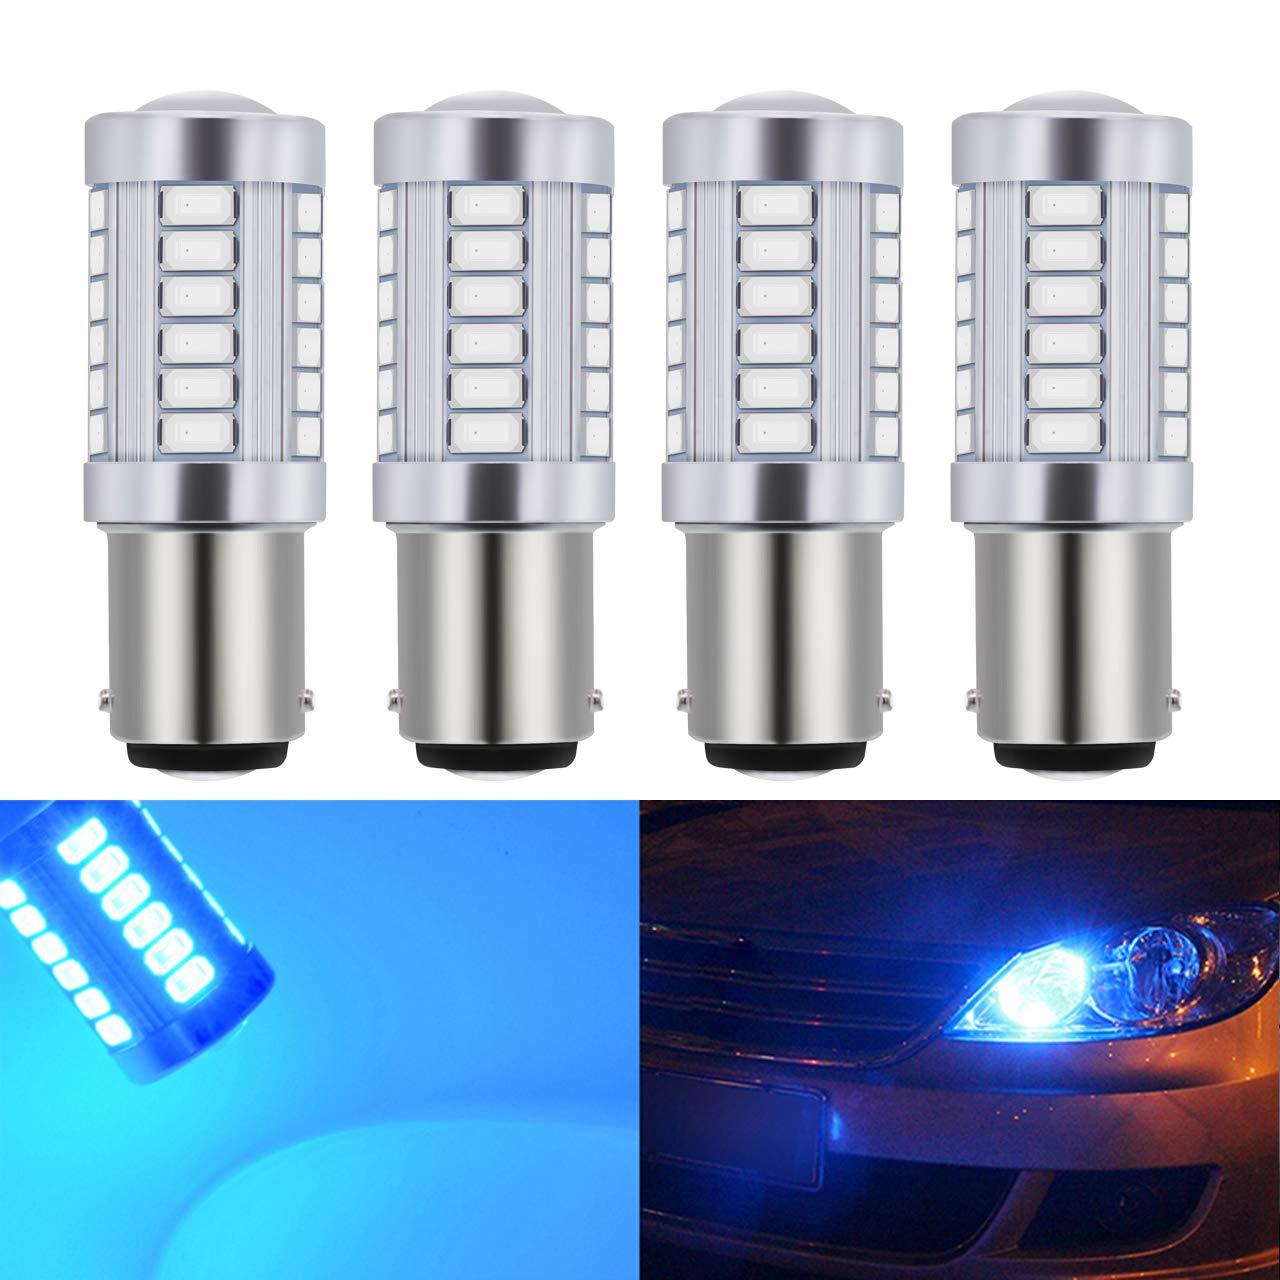 KaTur 4pcs 1157 BAY15D 5630 33-SMD Red 900 Lumens Super Bright LED Turn Tail Brake Stop Signal Light Lamp Bulb 12V 3.6W